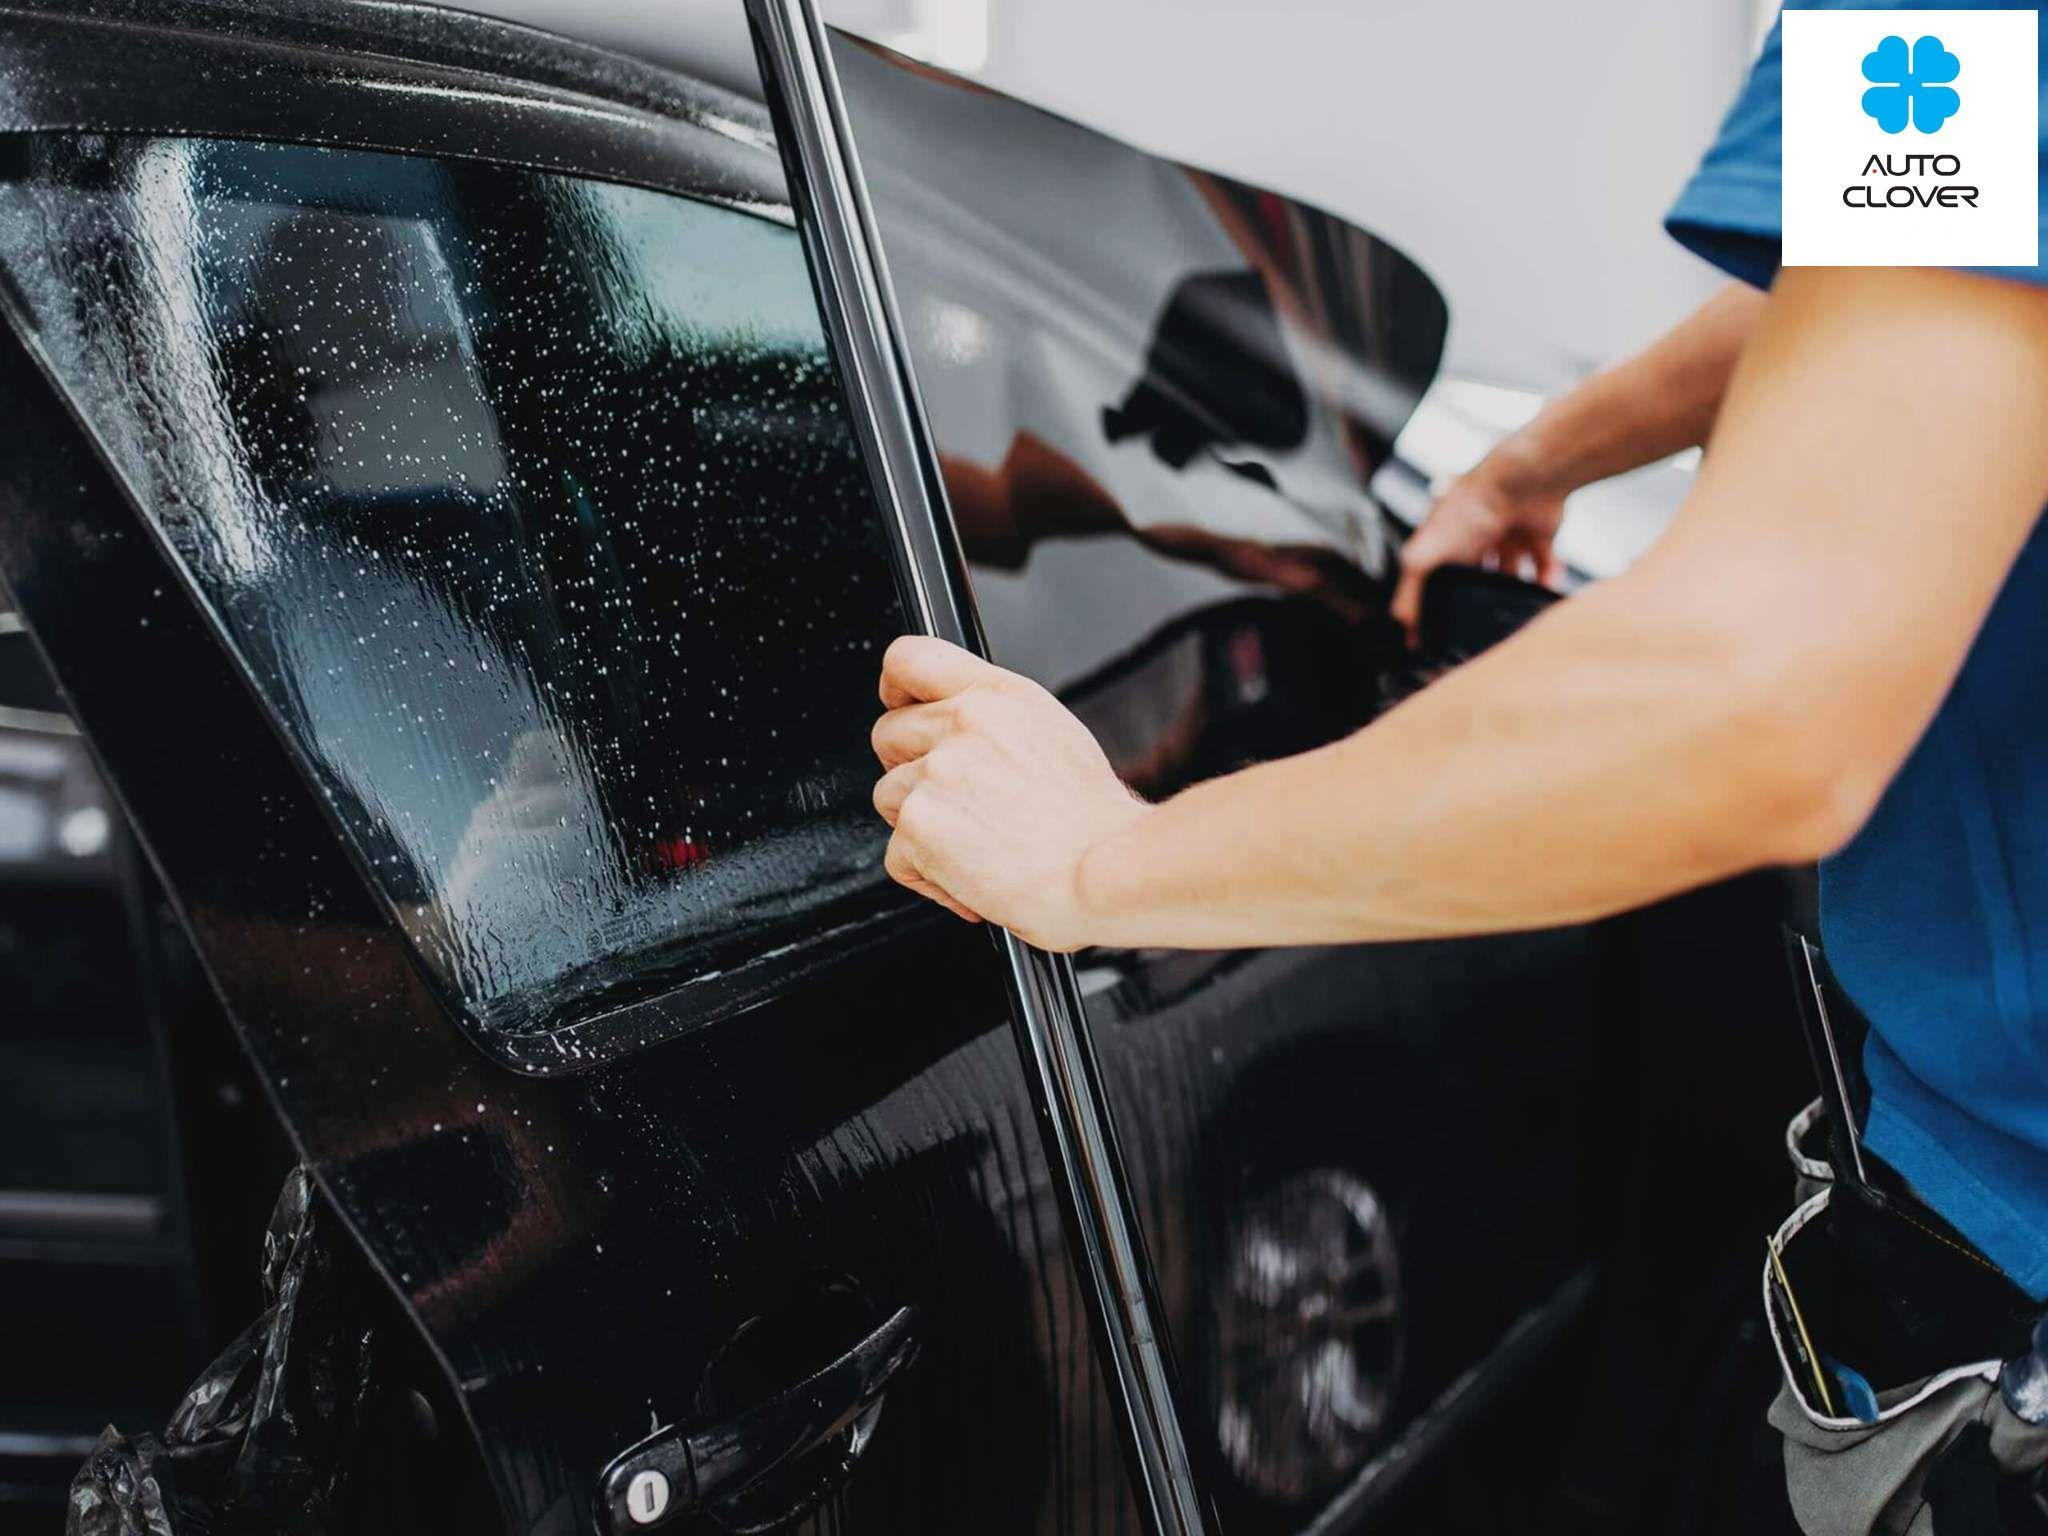 Phụ kiện phim cách nhiệt có tác dụng giúp giảm các bức xa nhiệt của ánh nắng chiếu vào bên trong xe. Đồng thời các tác nhân gây hại cho da như tia UV, tia cực tím,...sẽ được ngăn chặn một cách đáng kể.